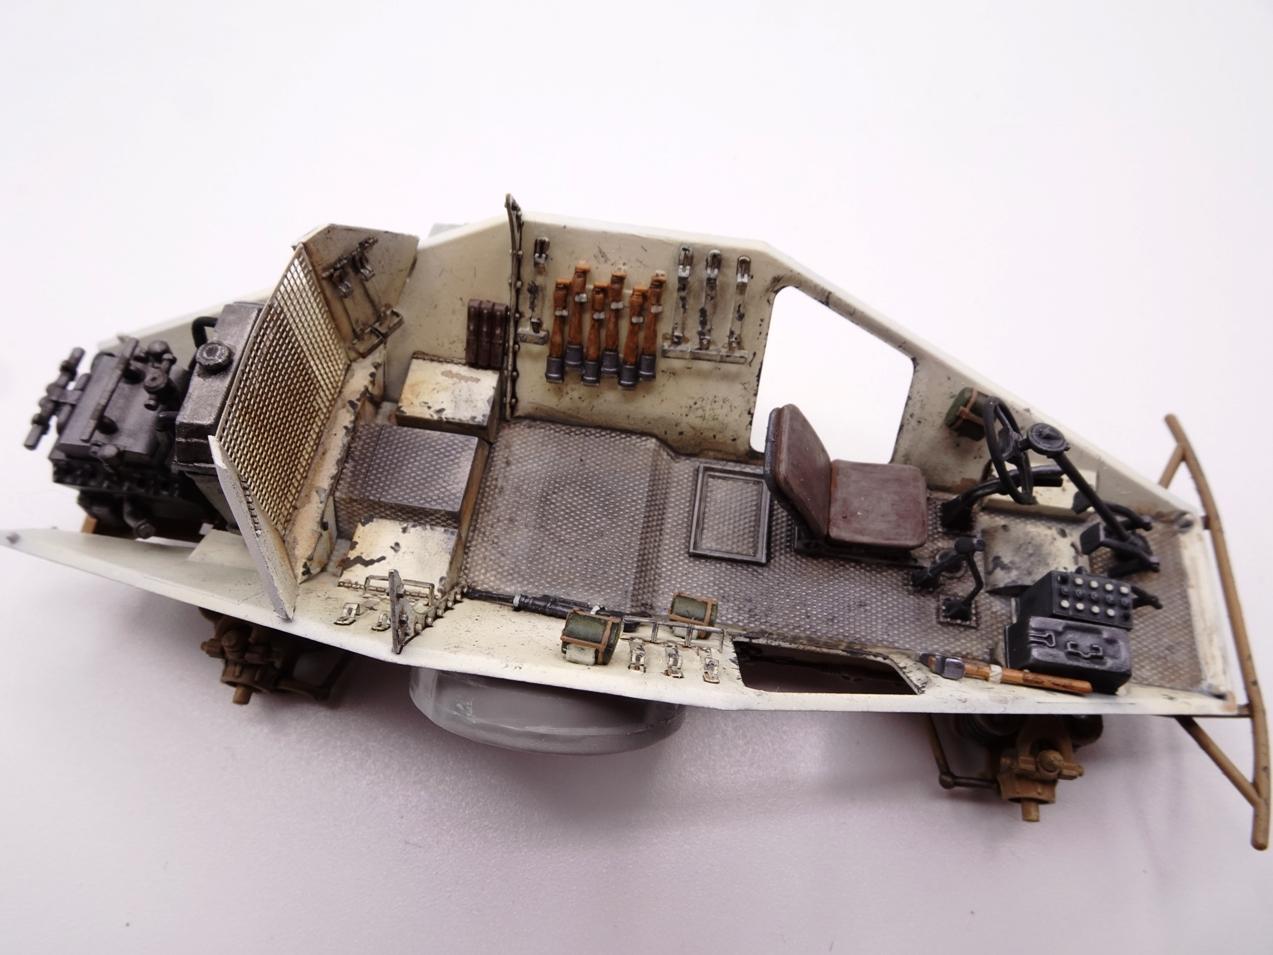 [Hobby Boss 1/35°] Sd.Kfz. 222 Leichter Panzerspähwagen - Page 2 222-0205-4